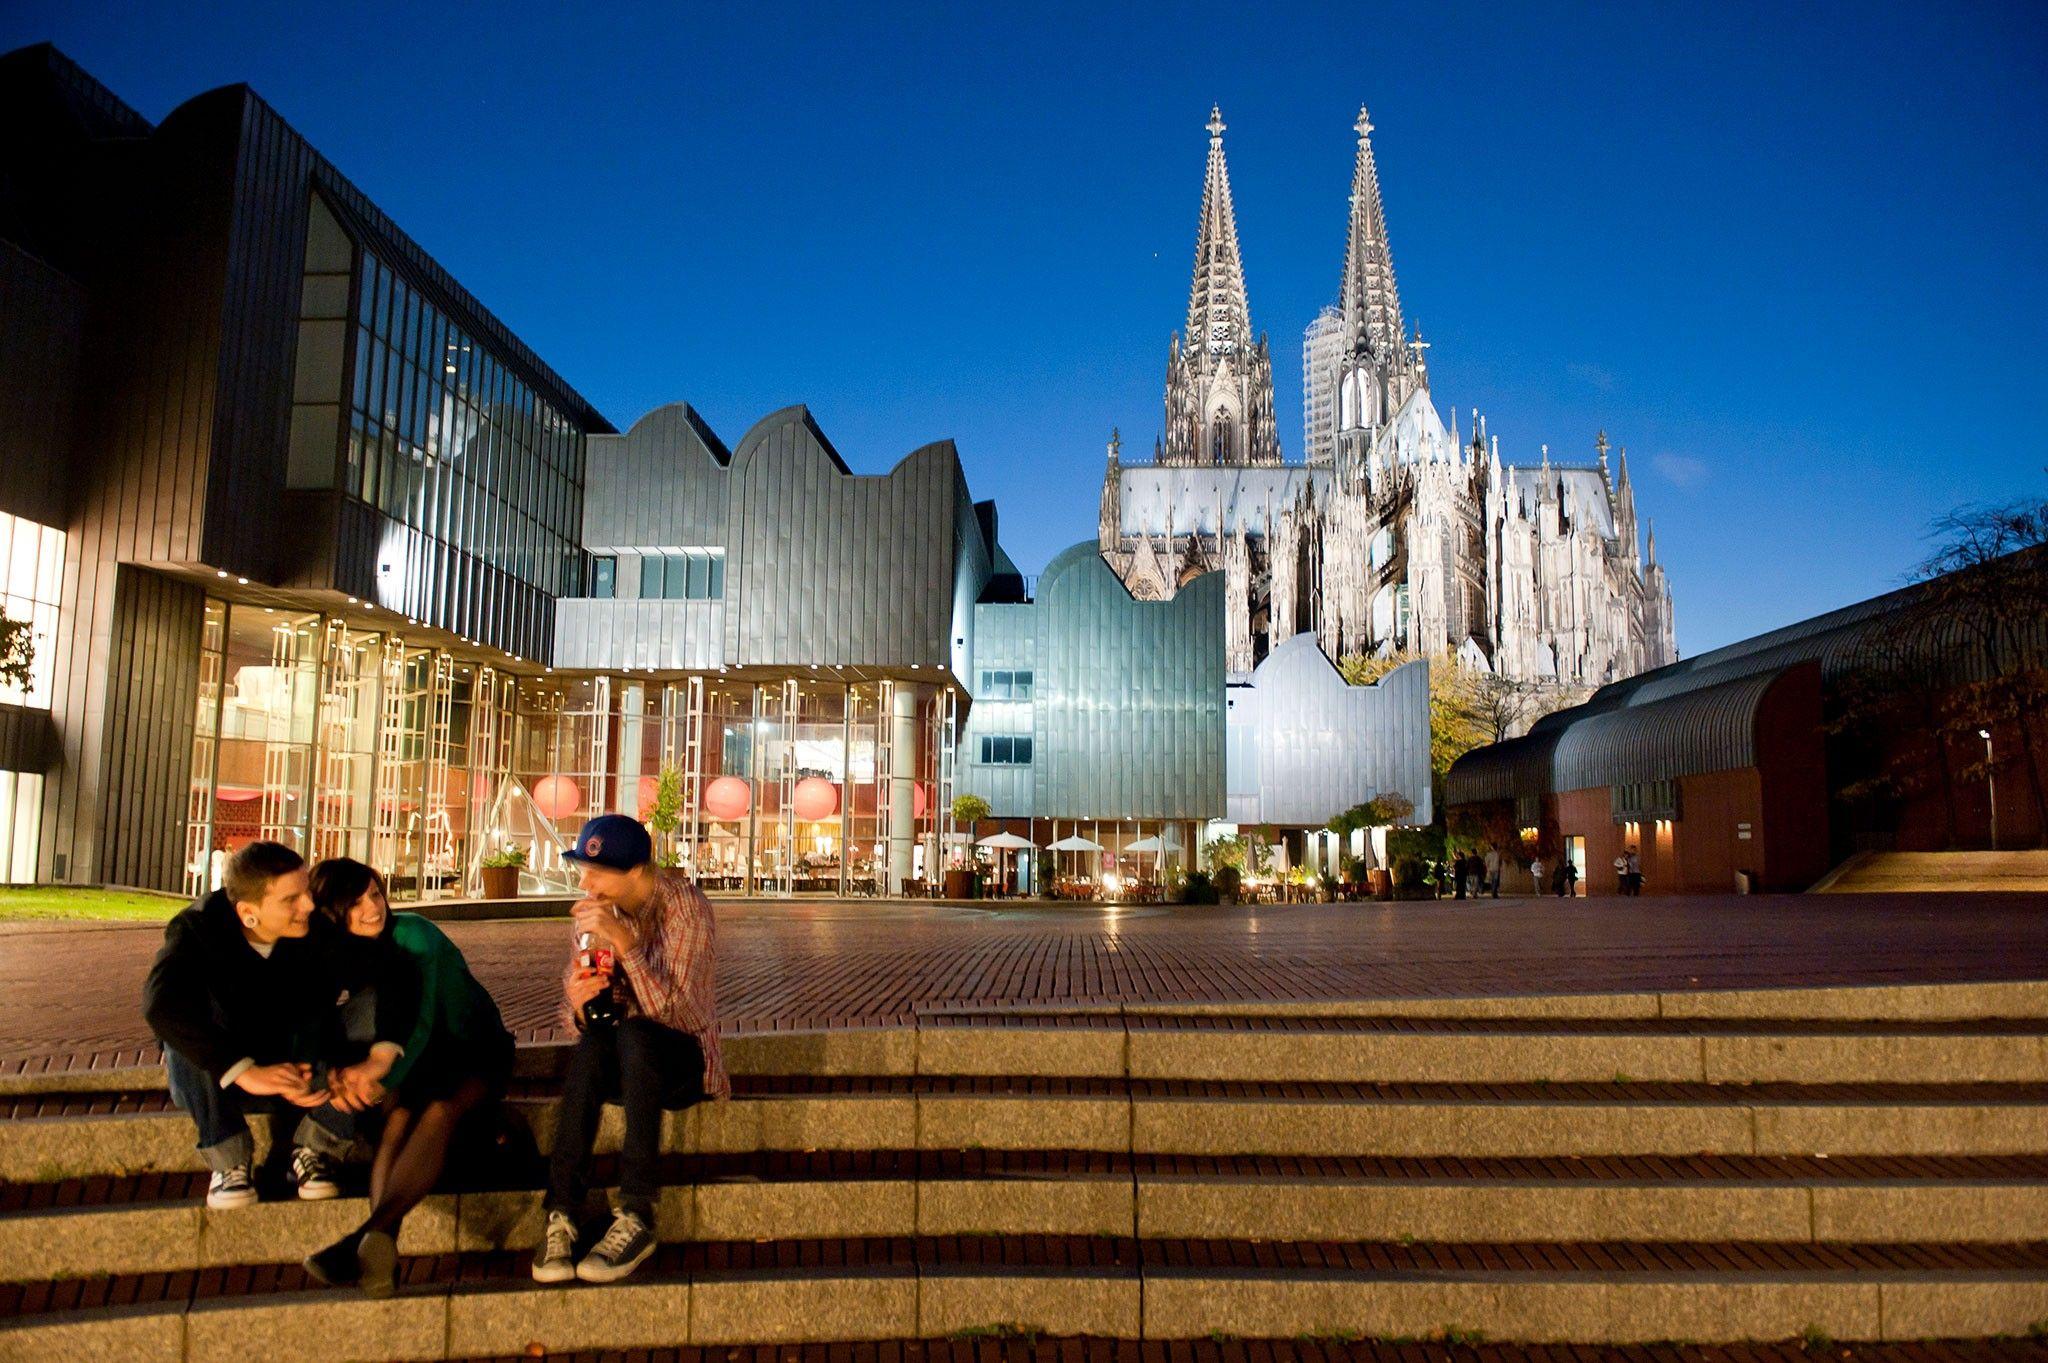 20 außergewöhnliche Kathedralen in Europa | National Geographic